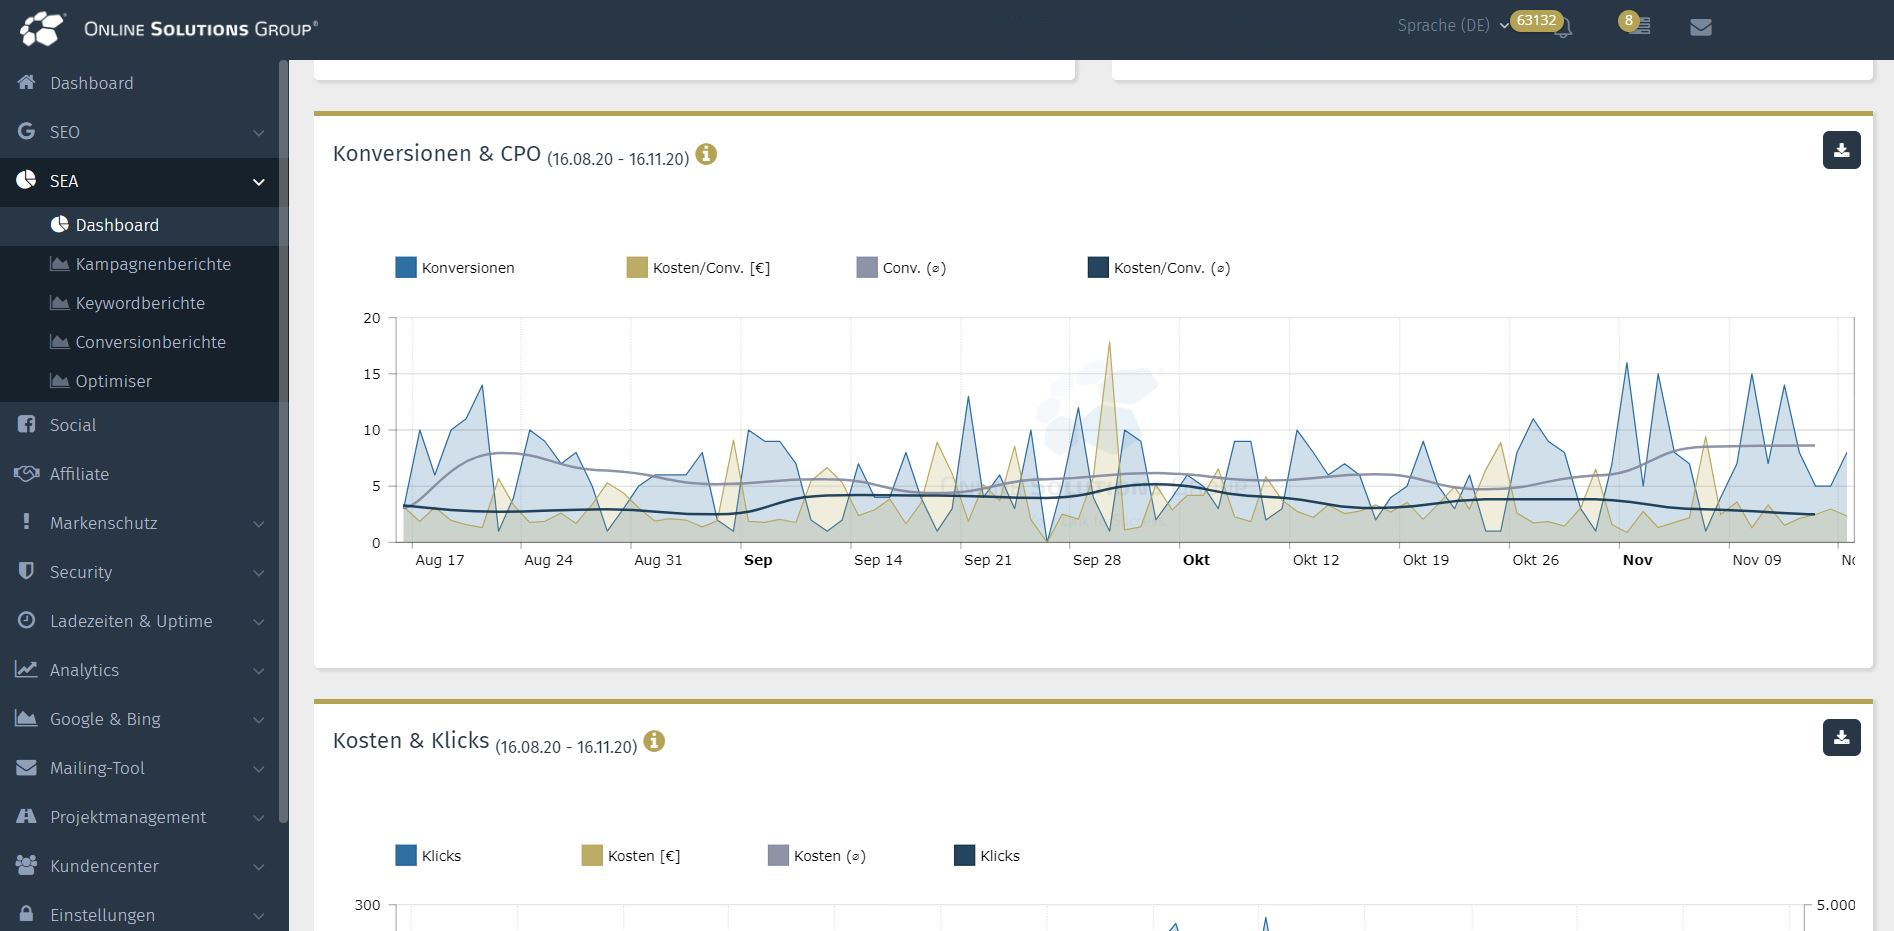 Das SEA Tool in der Performance Suite: Conversions und Klicks